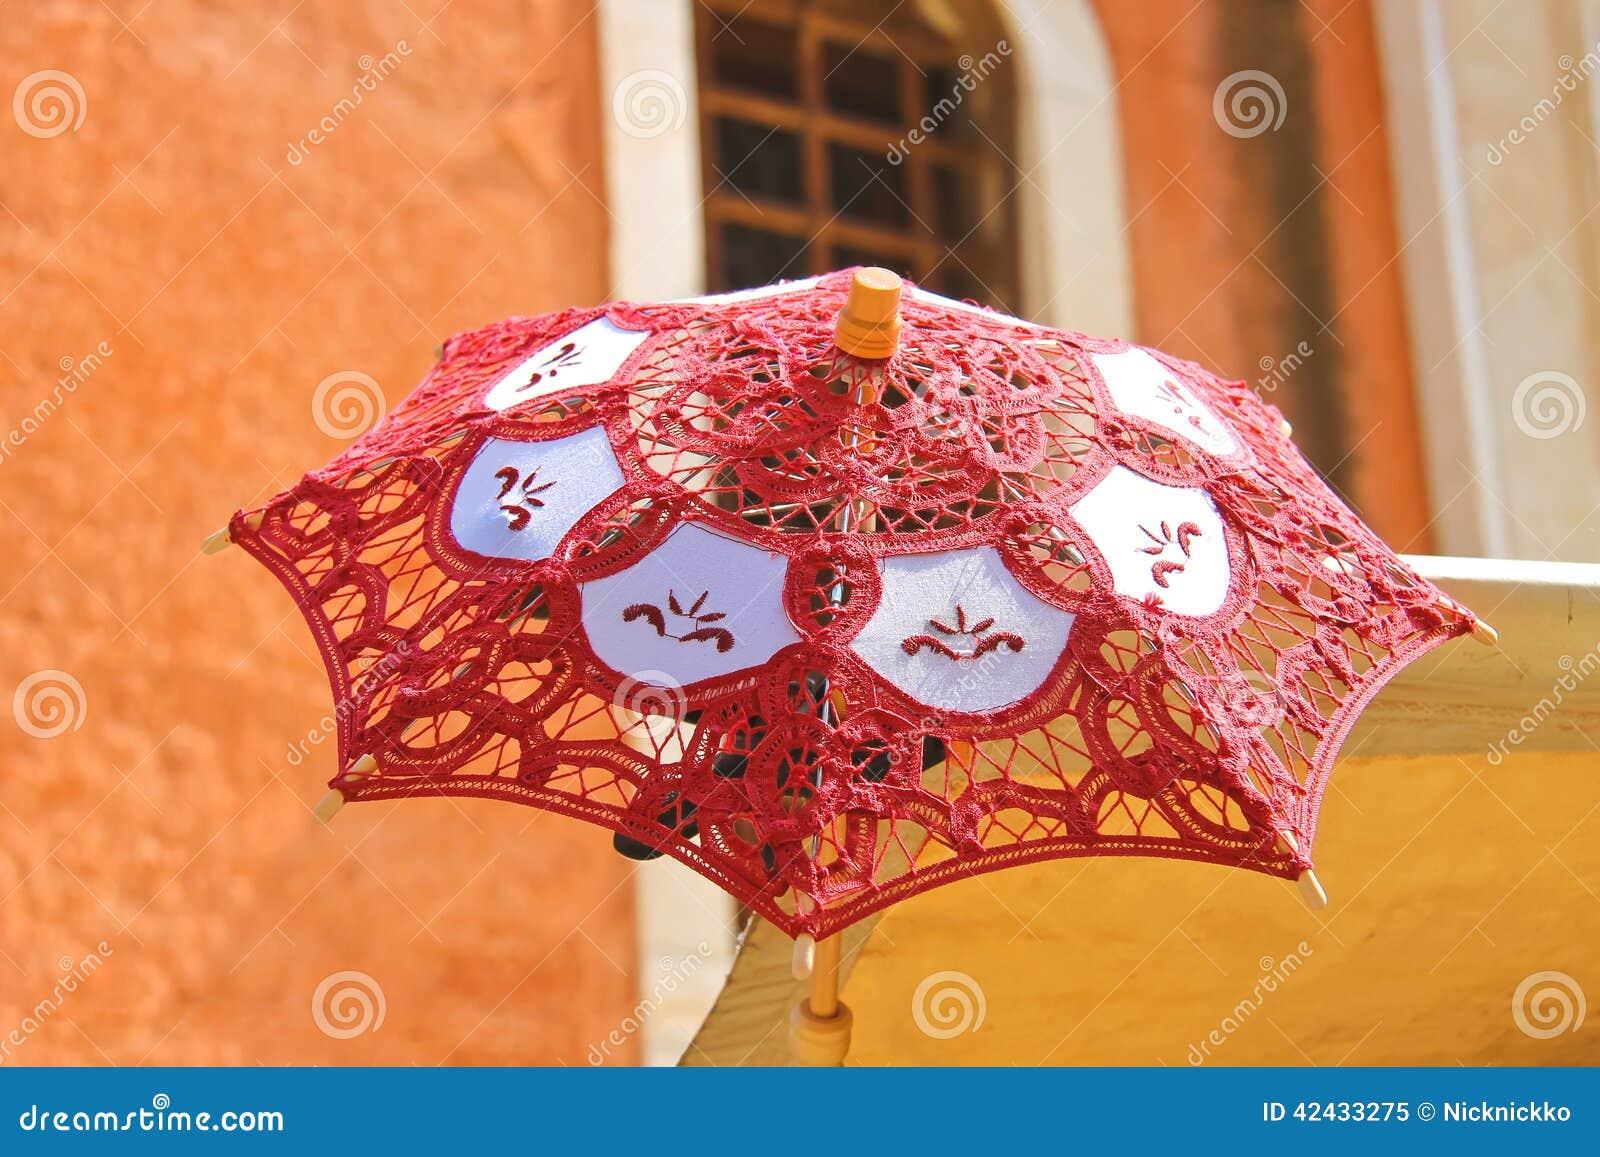 Parasol de encaje para las mujeres en los vendedores ambulantes contrarios